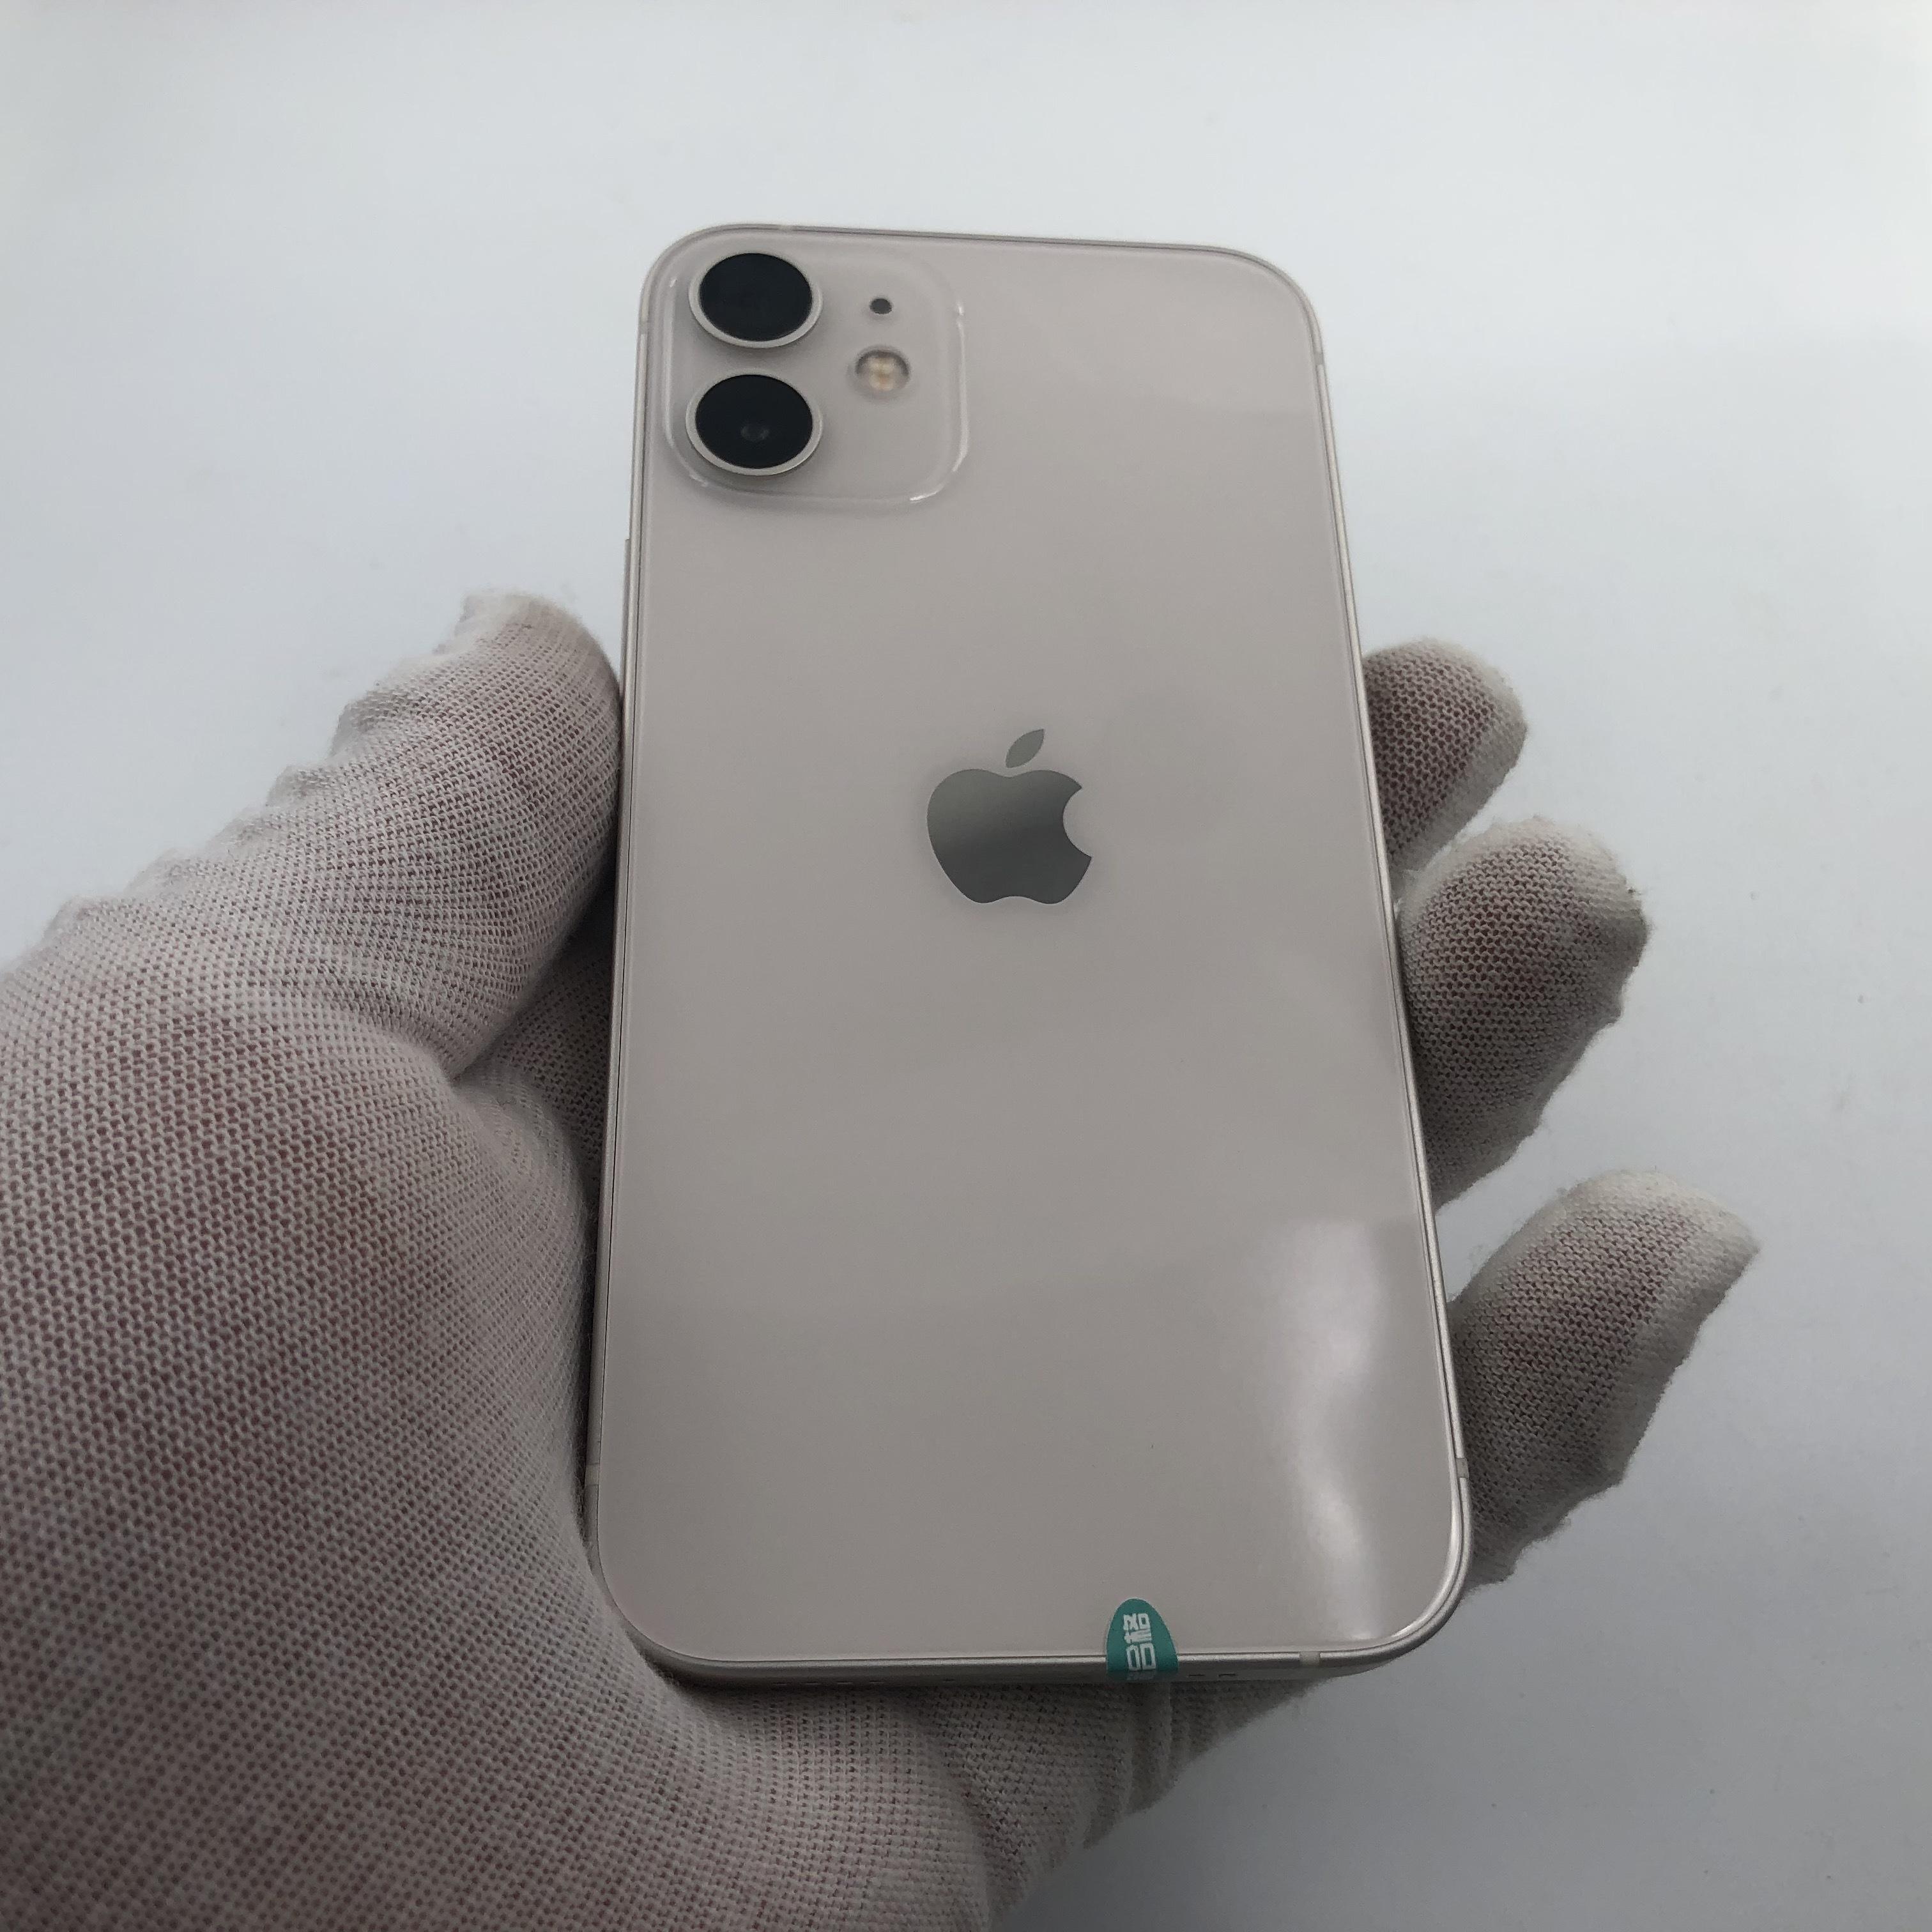 苹果【iPhone 12 mini】5G全网通 白色 128G 国行 99新